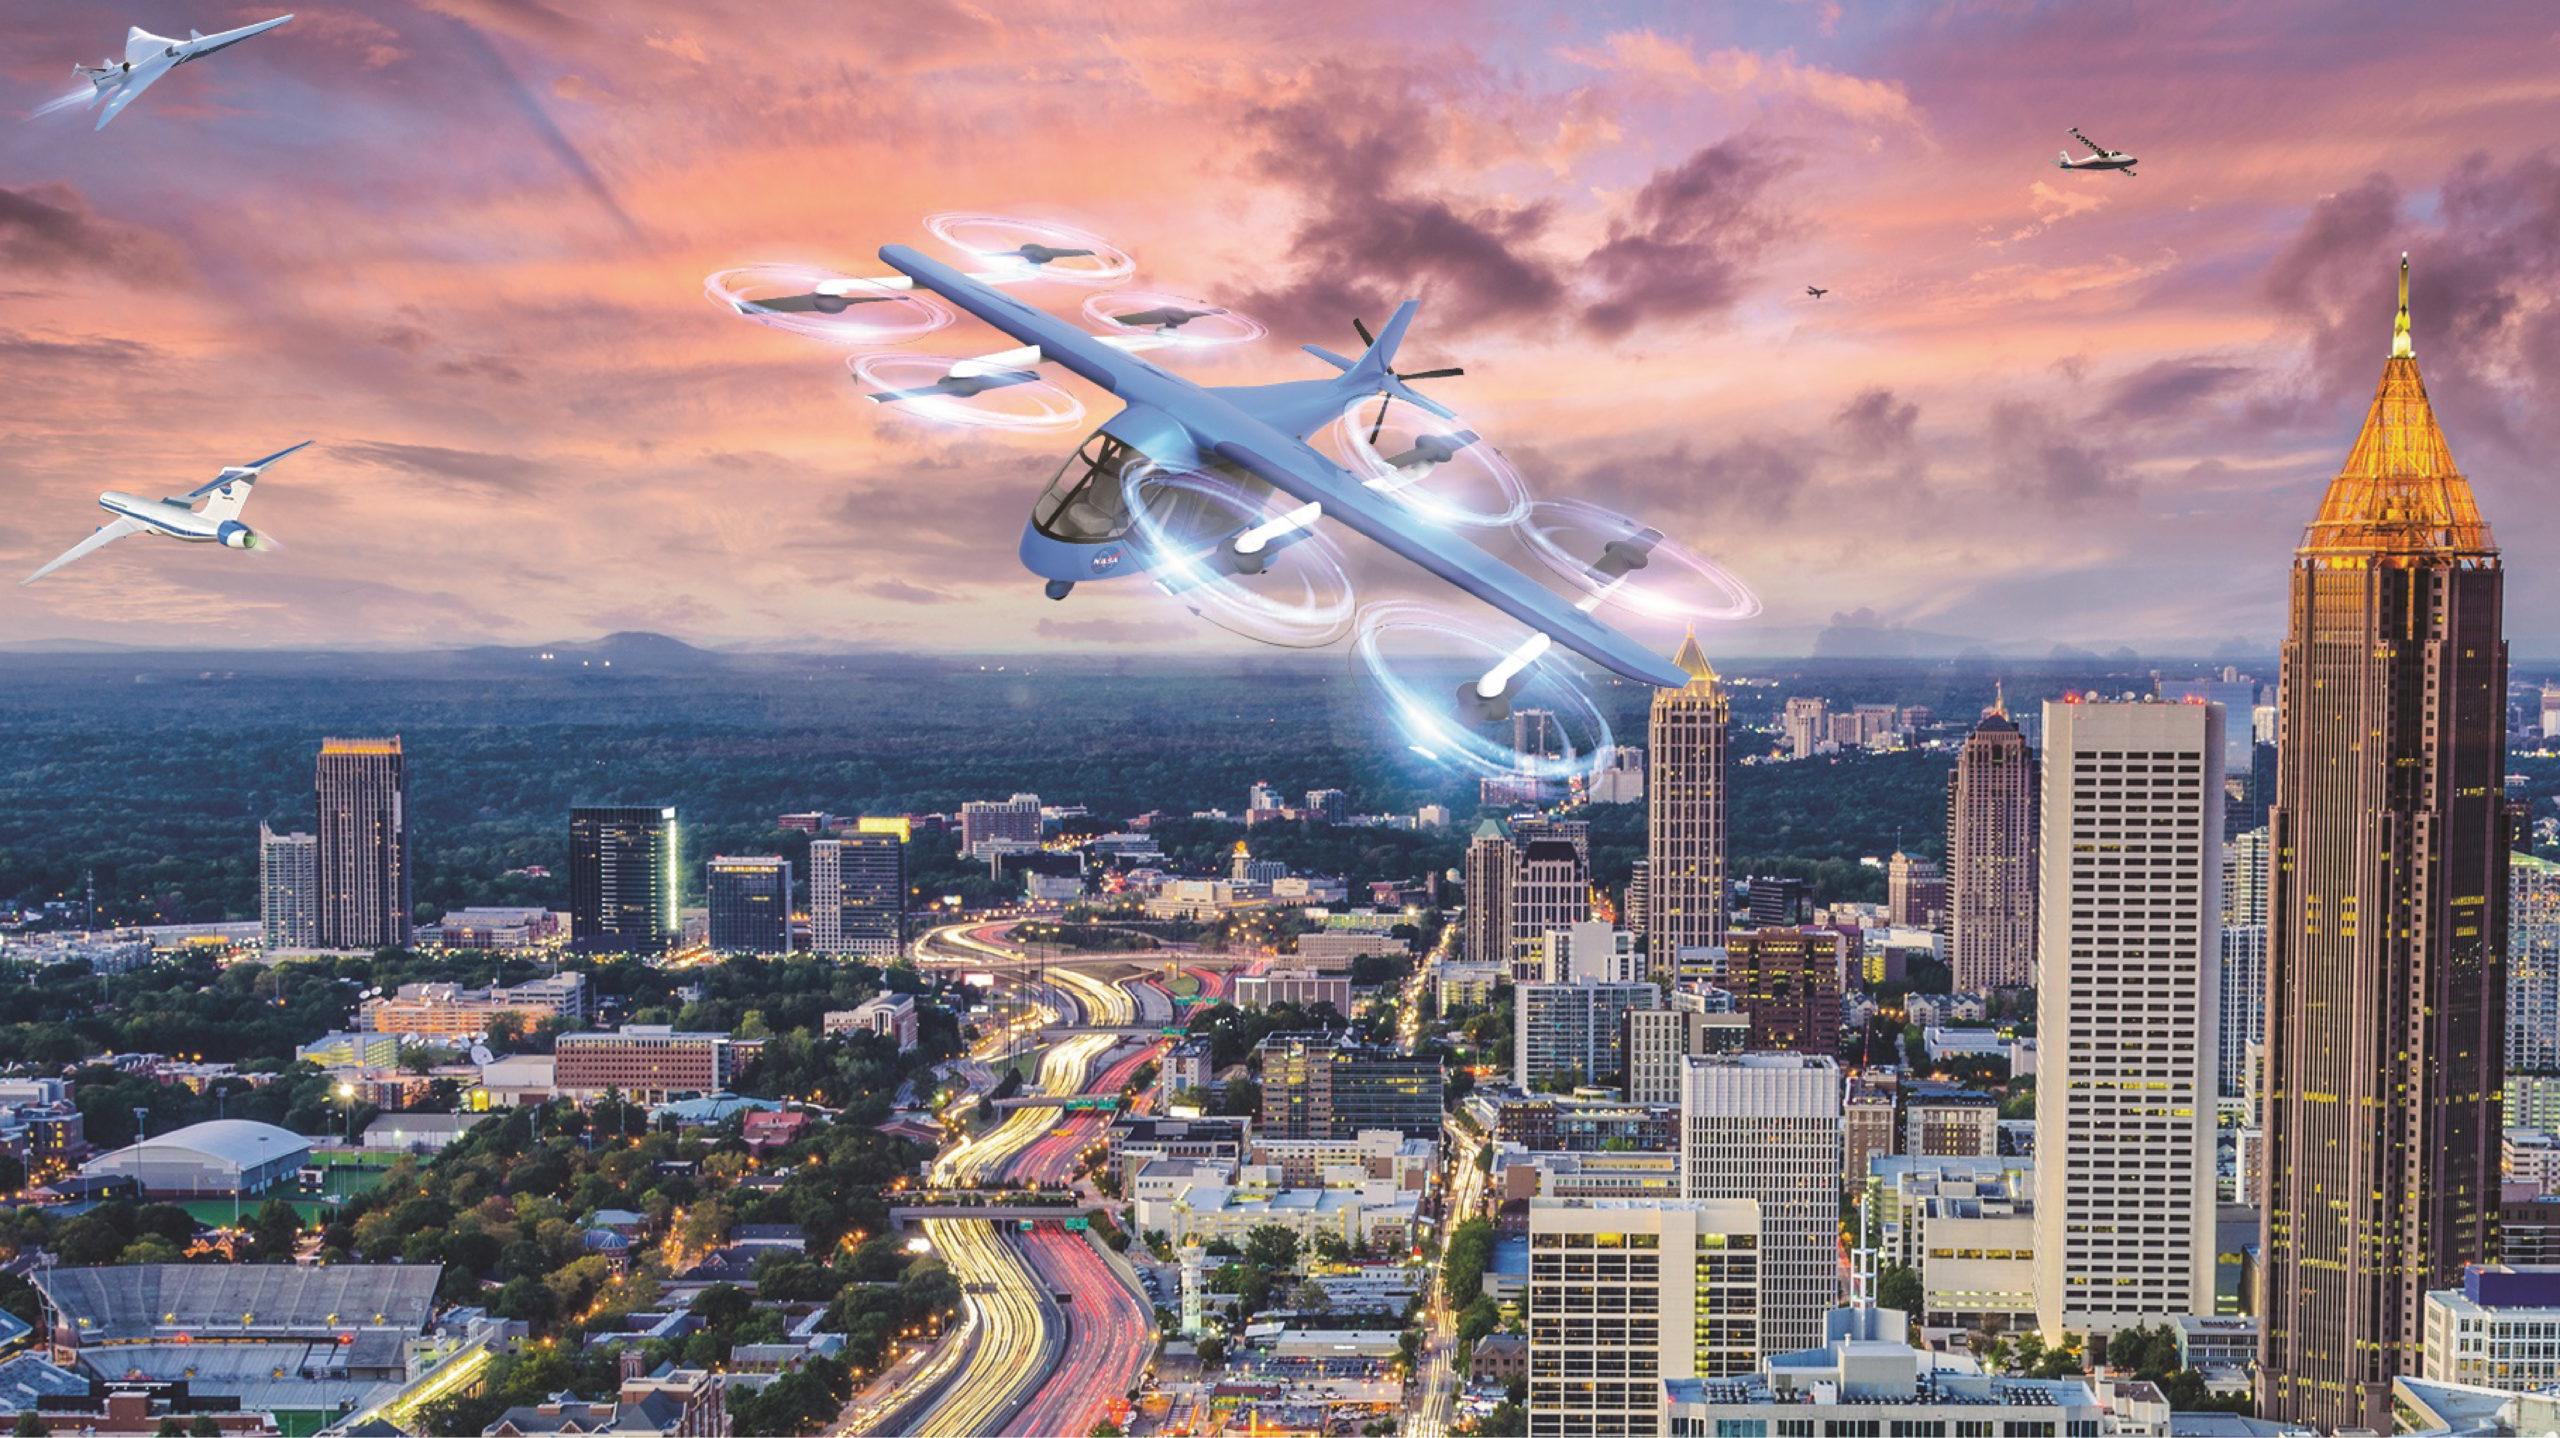 La NASA comienza pruebas de taxis aéreos en California